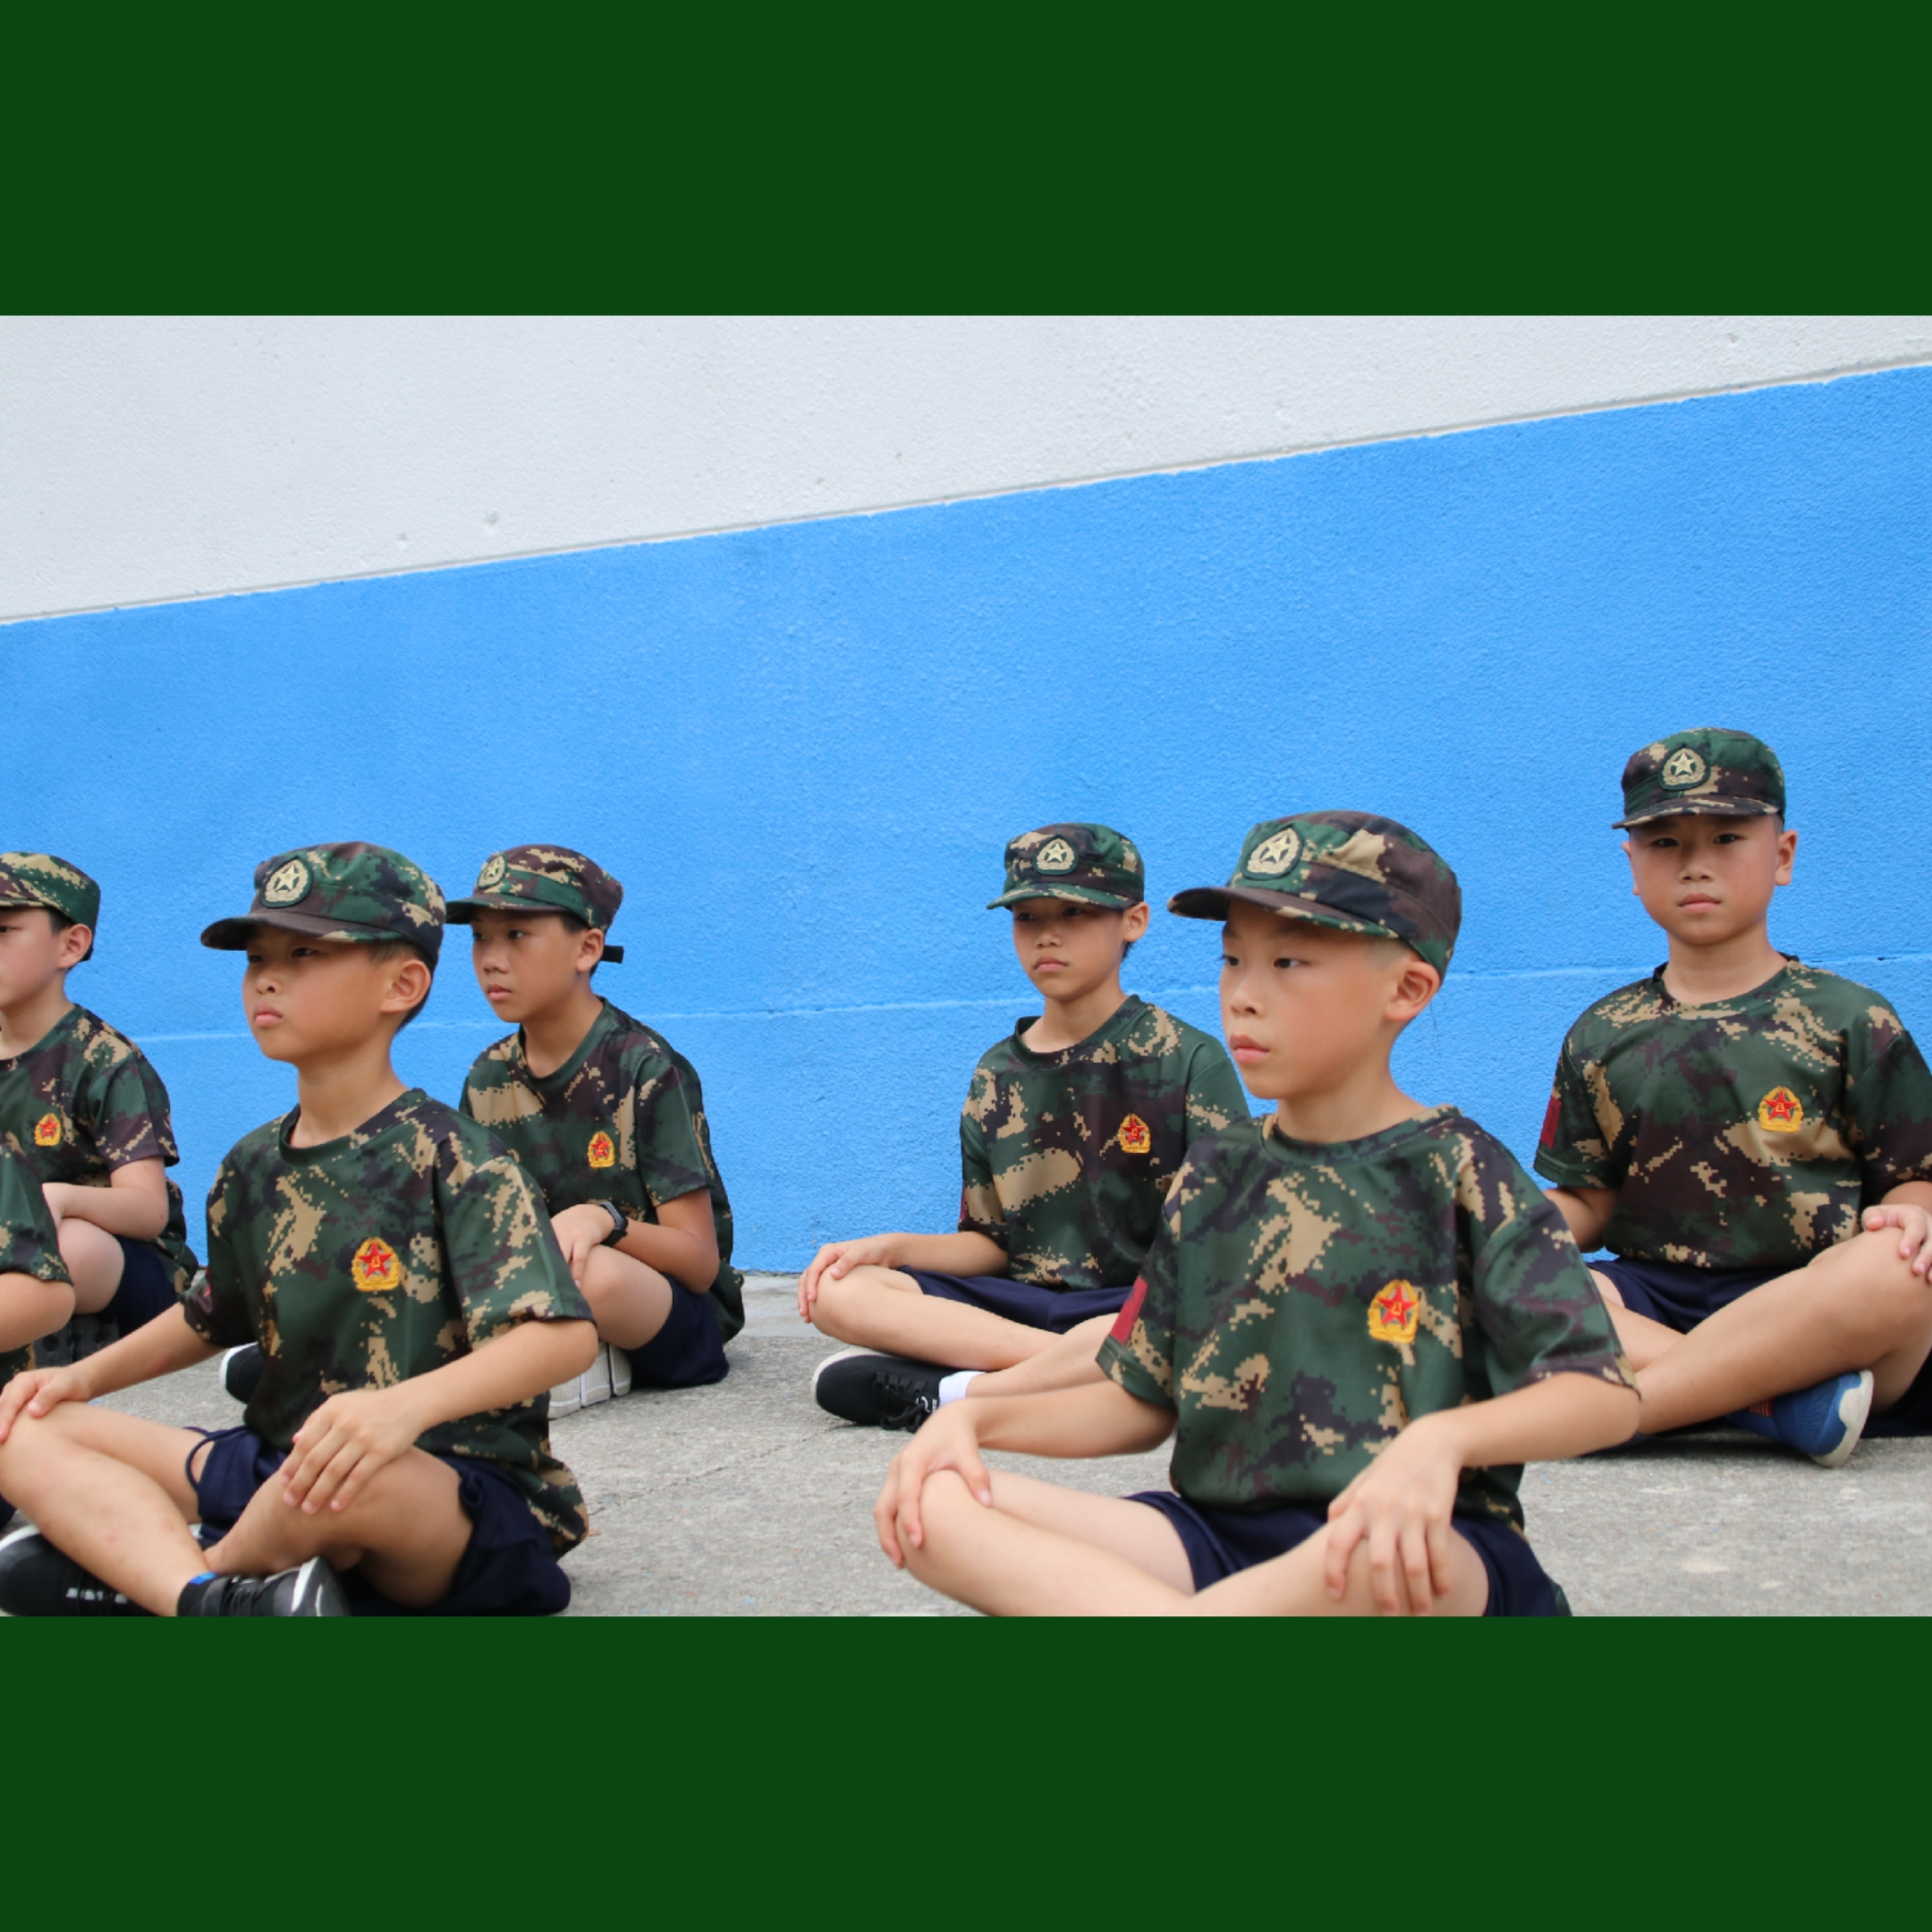 家长必读   孩子最容易模仿的10个坏习惯 - 广州狼王军事夏令营